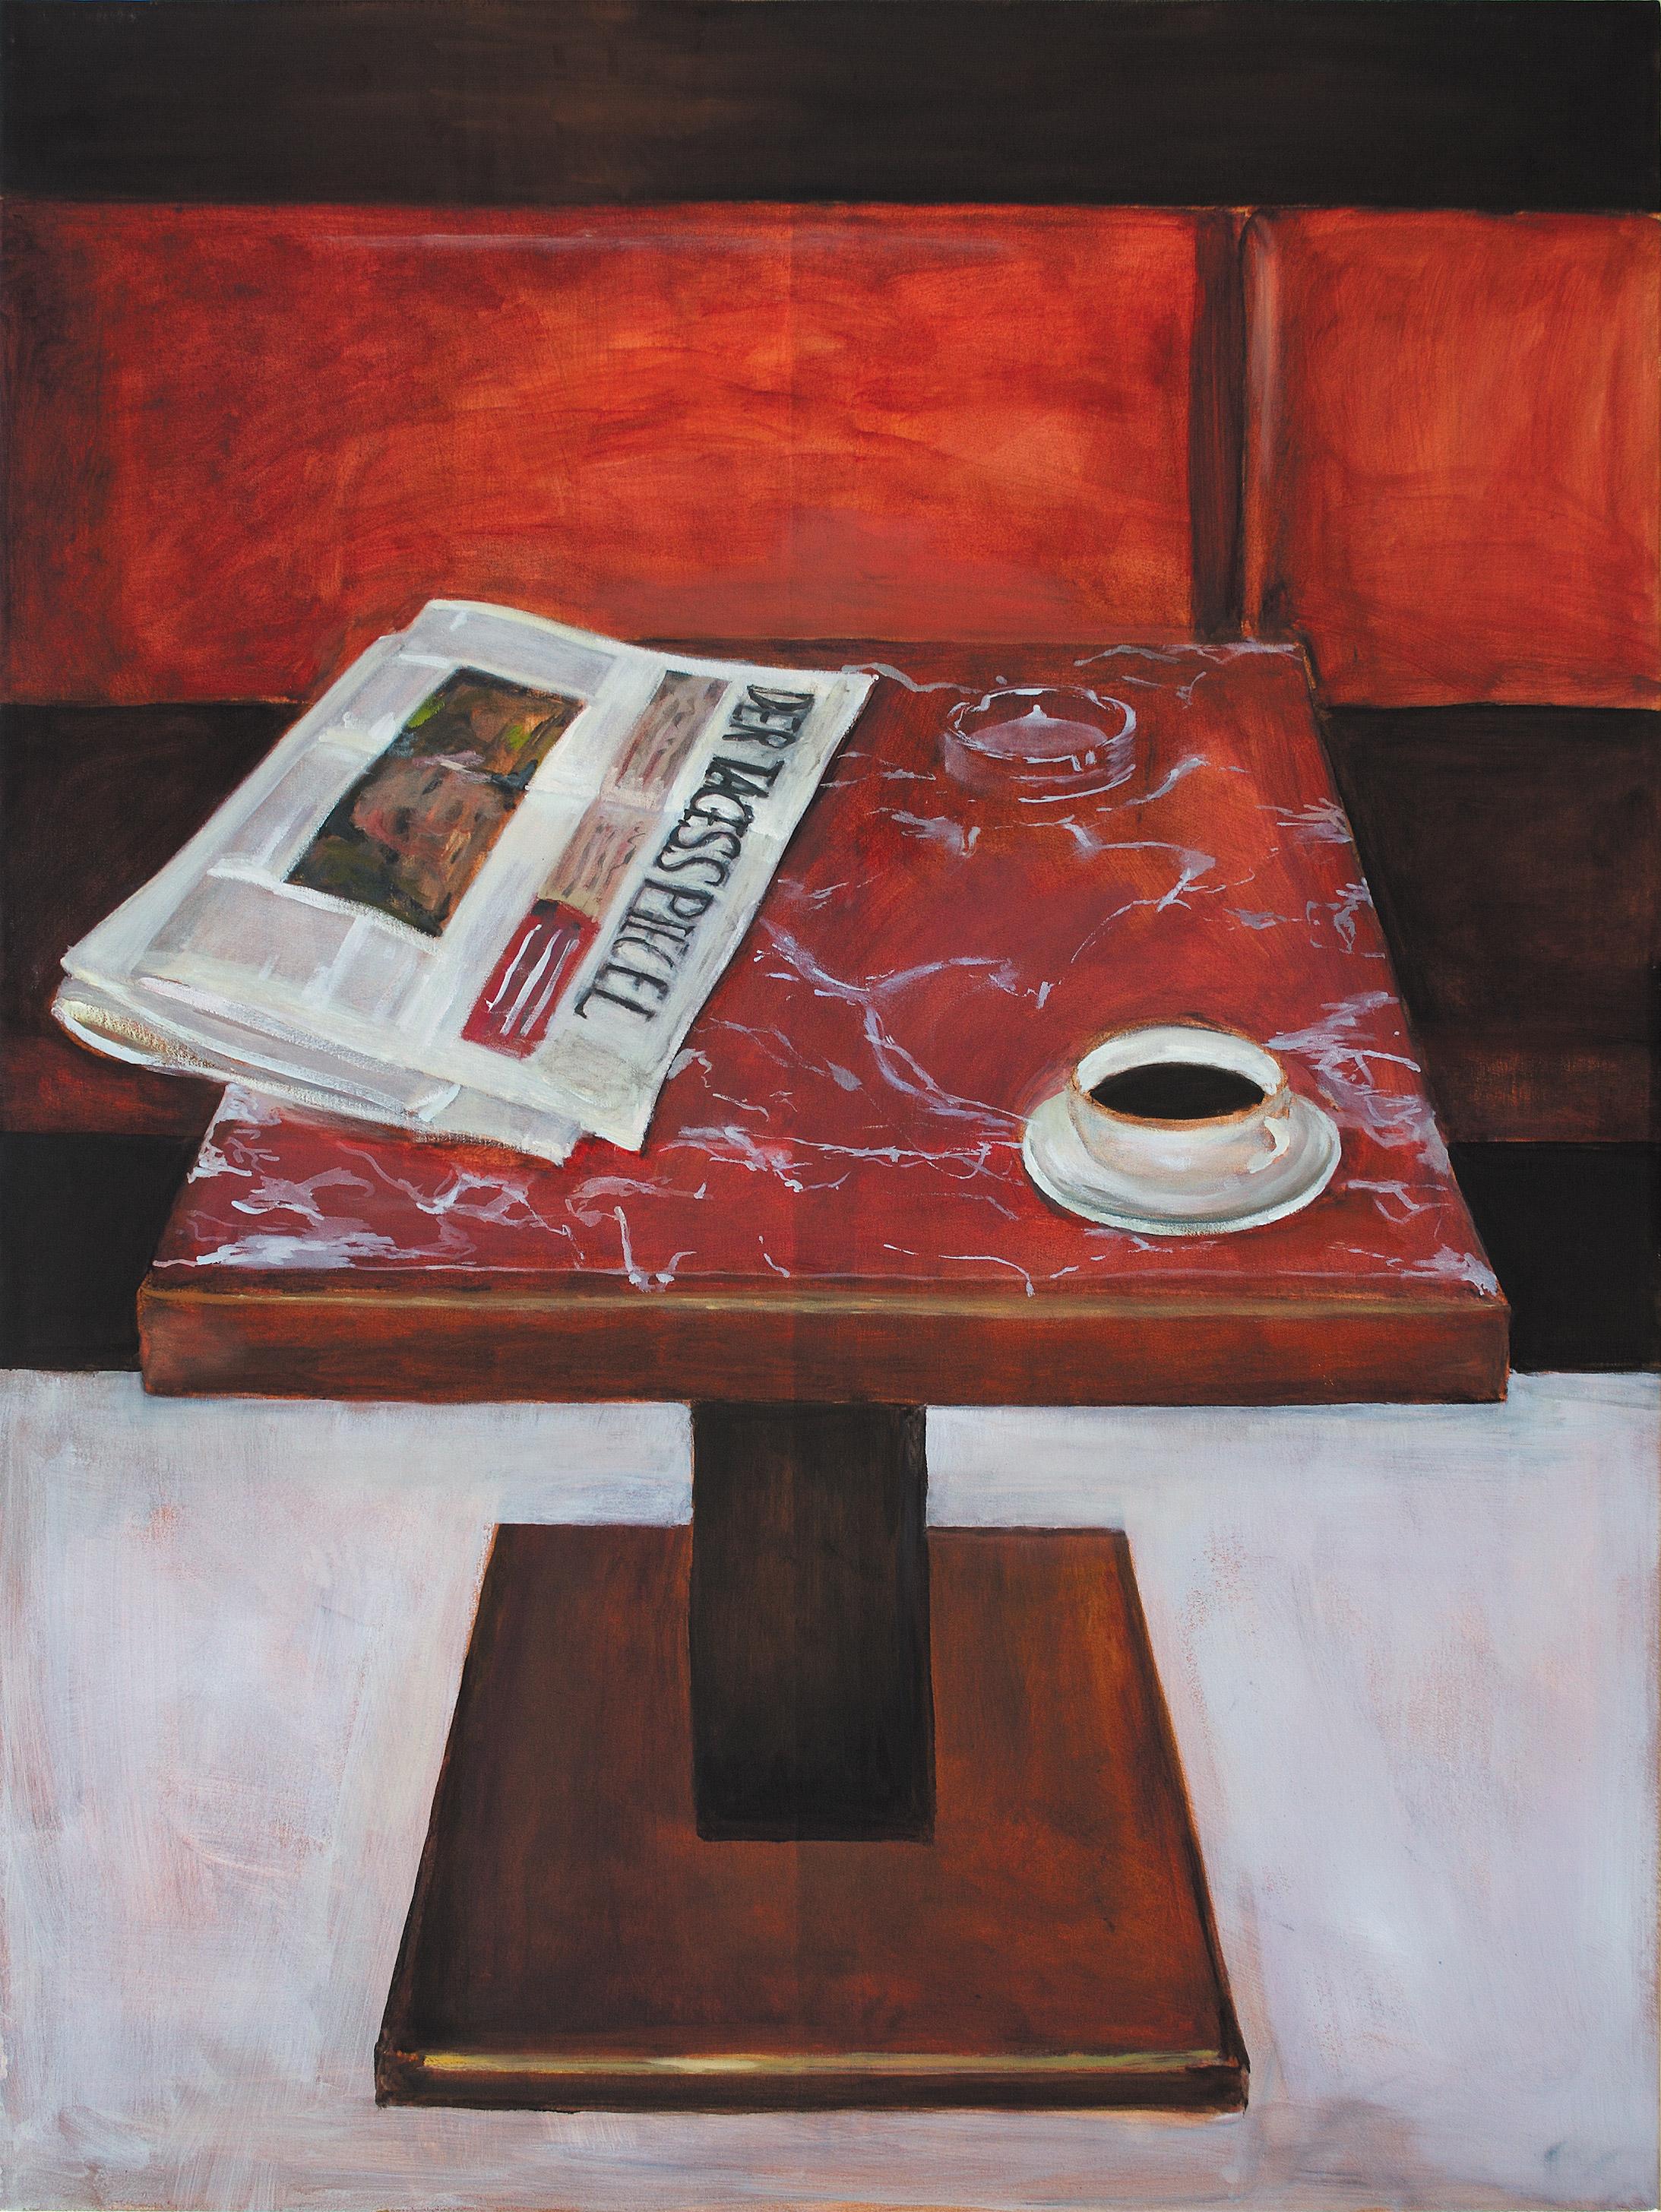 Tagesspiegel | Acryl und Öl auf Leinwand  (Acrylic and Oil on Canvas)